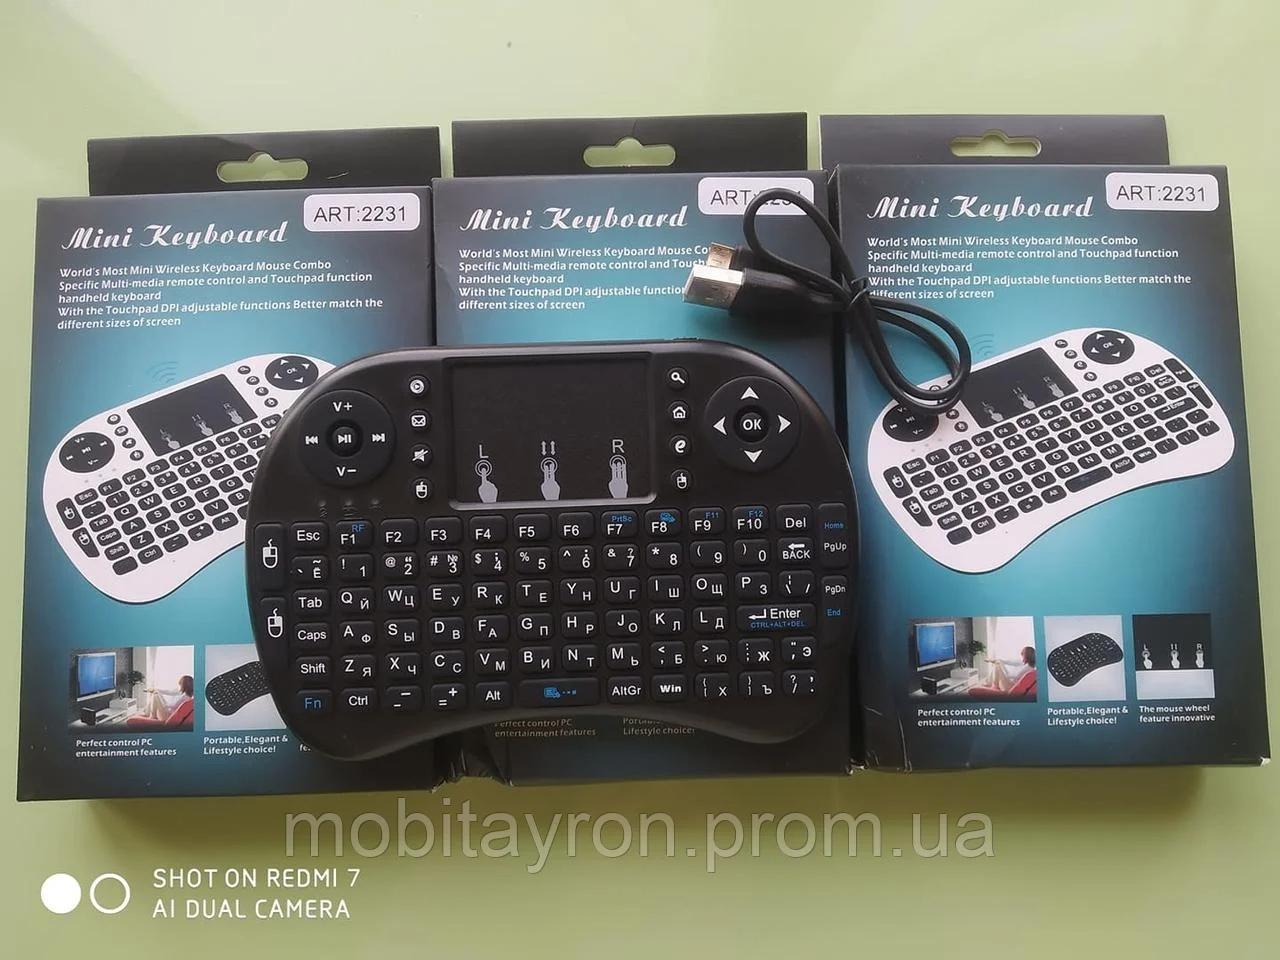 Беспроводная клавиатура MWK08 wireless i8 + touch — отличное решение для управле...